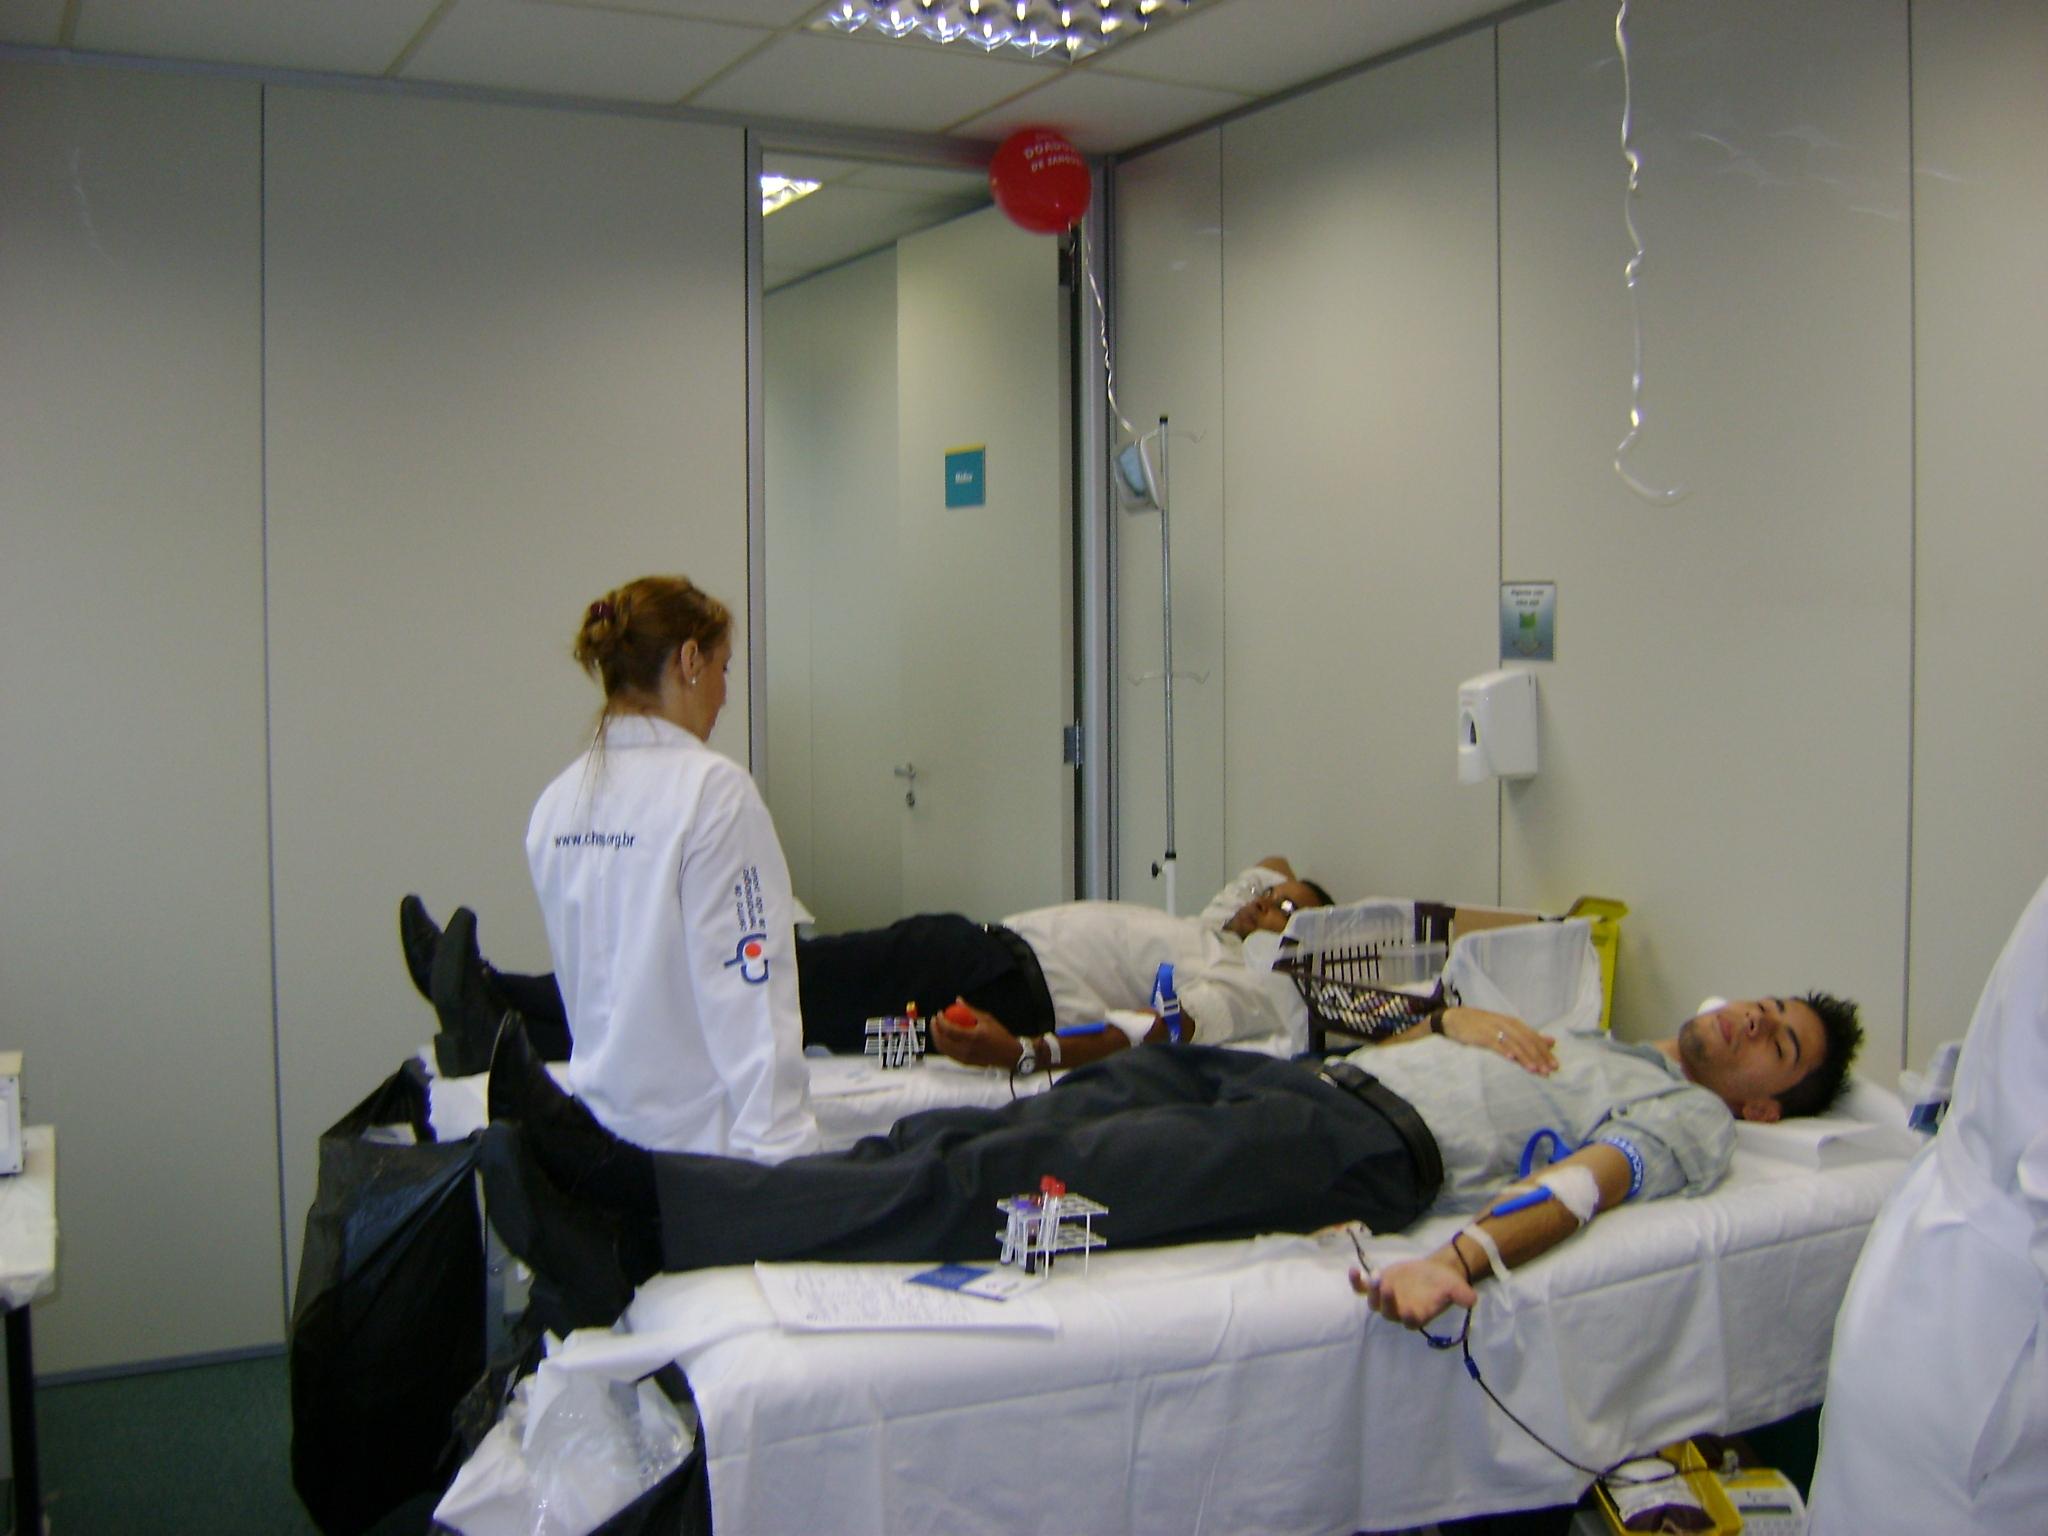 Tokio Marine realizou uma campanha de doação de sangue entre seus funcionários.